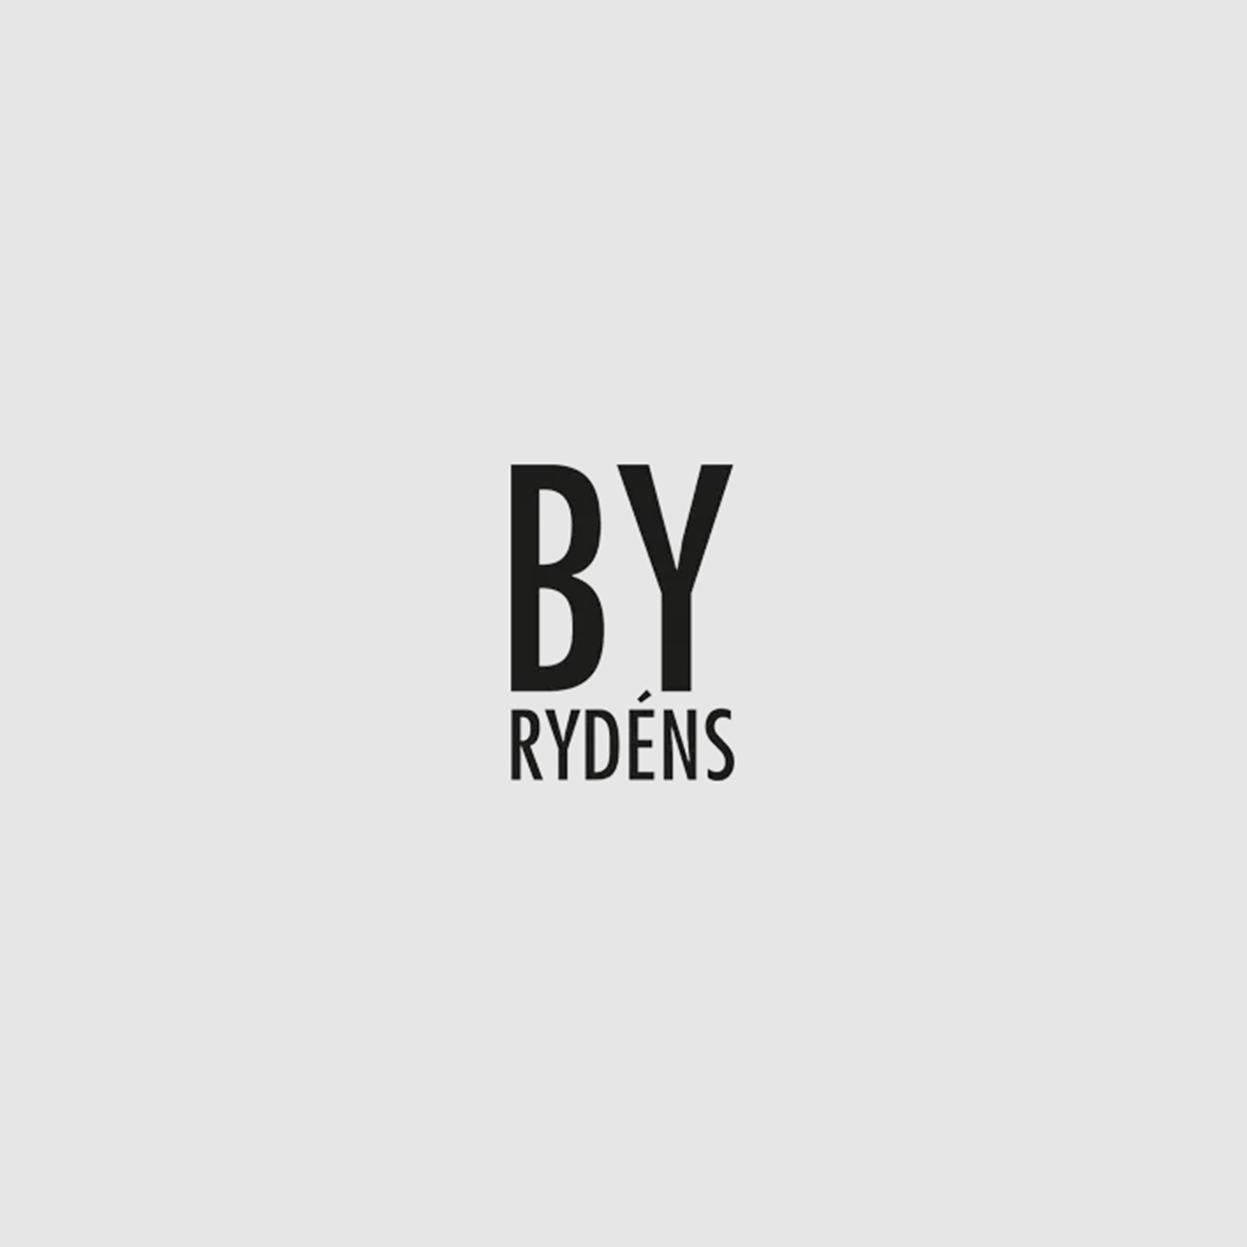 Byrydens - Objekte Licht & Raum GmbH in Hamburg